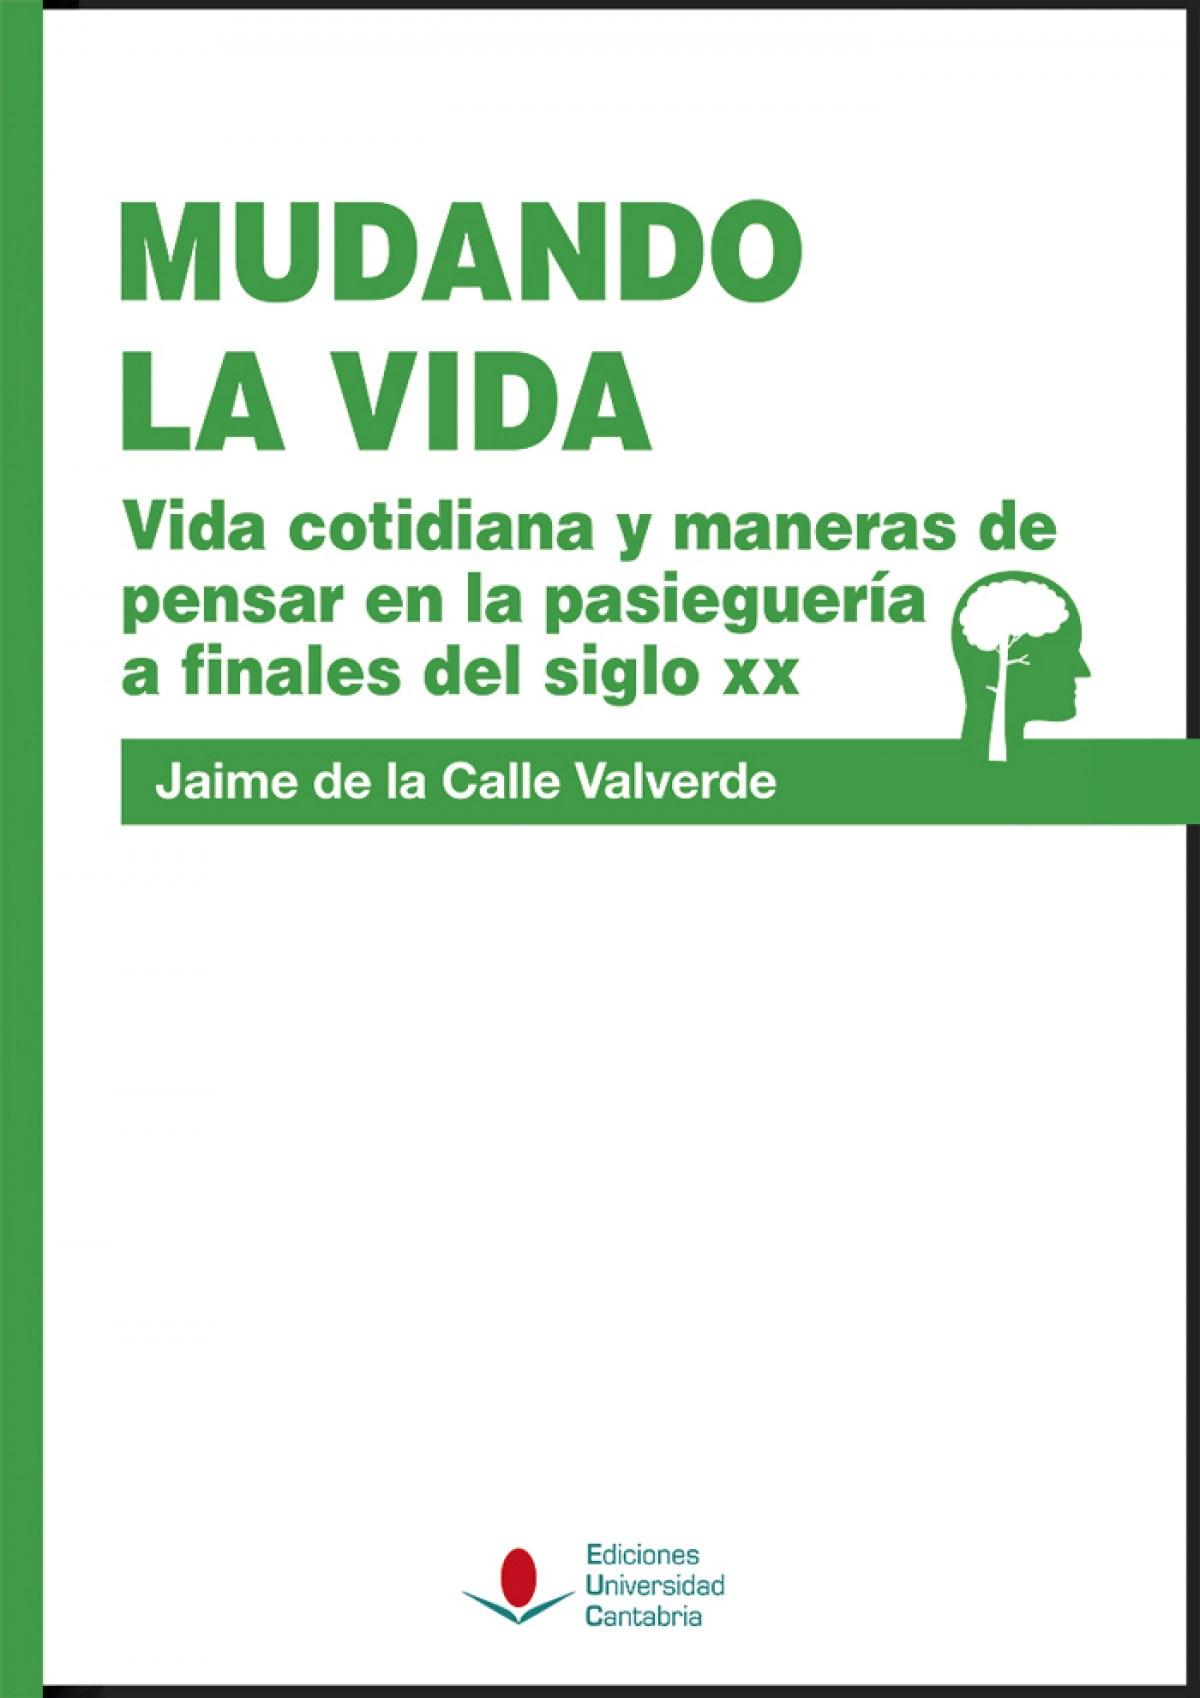 Mudando la vida - De La Calle Valverde, Jaime